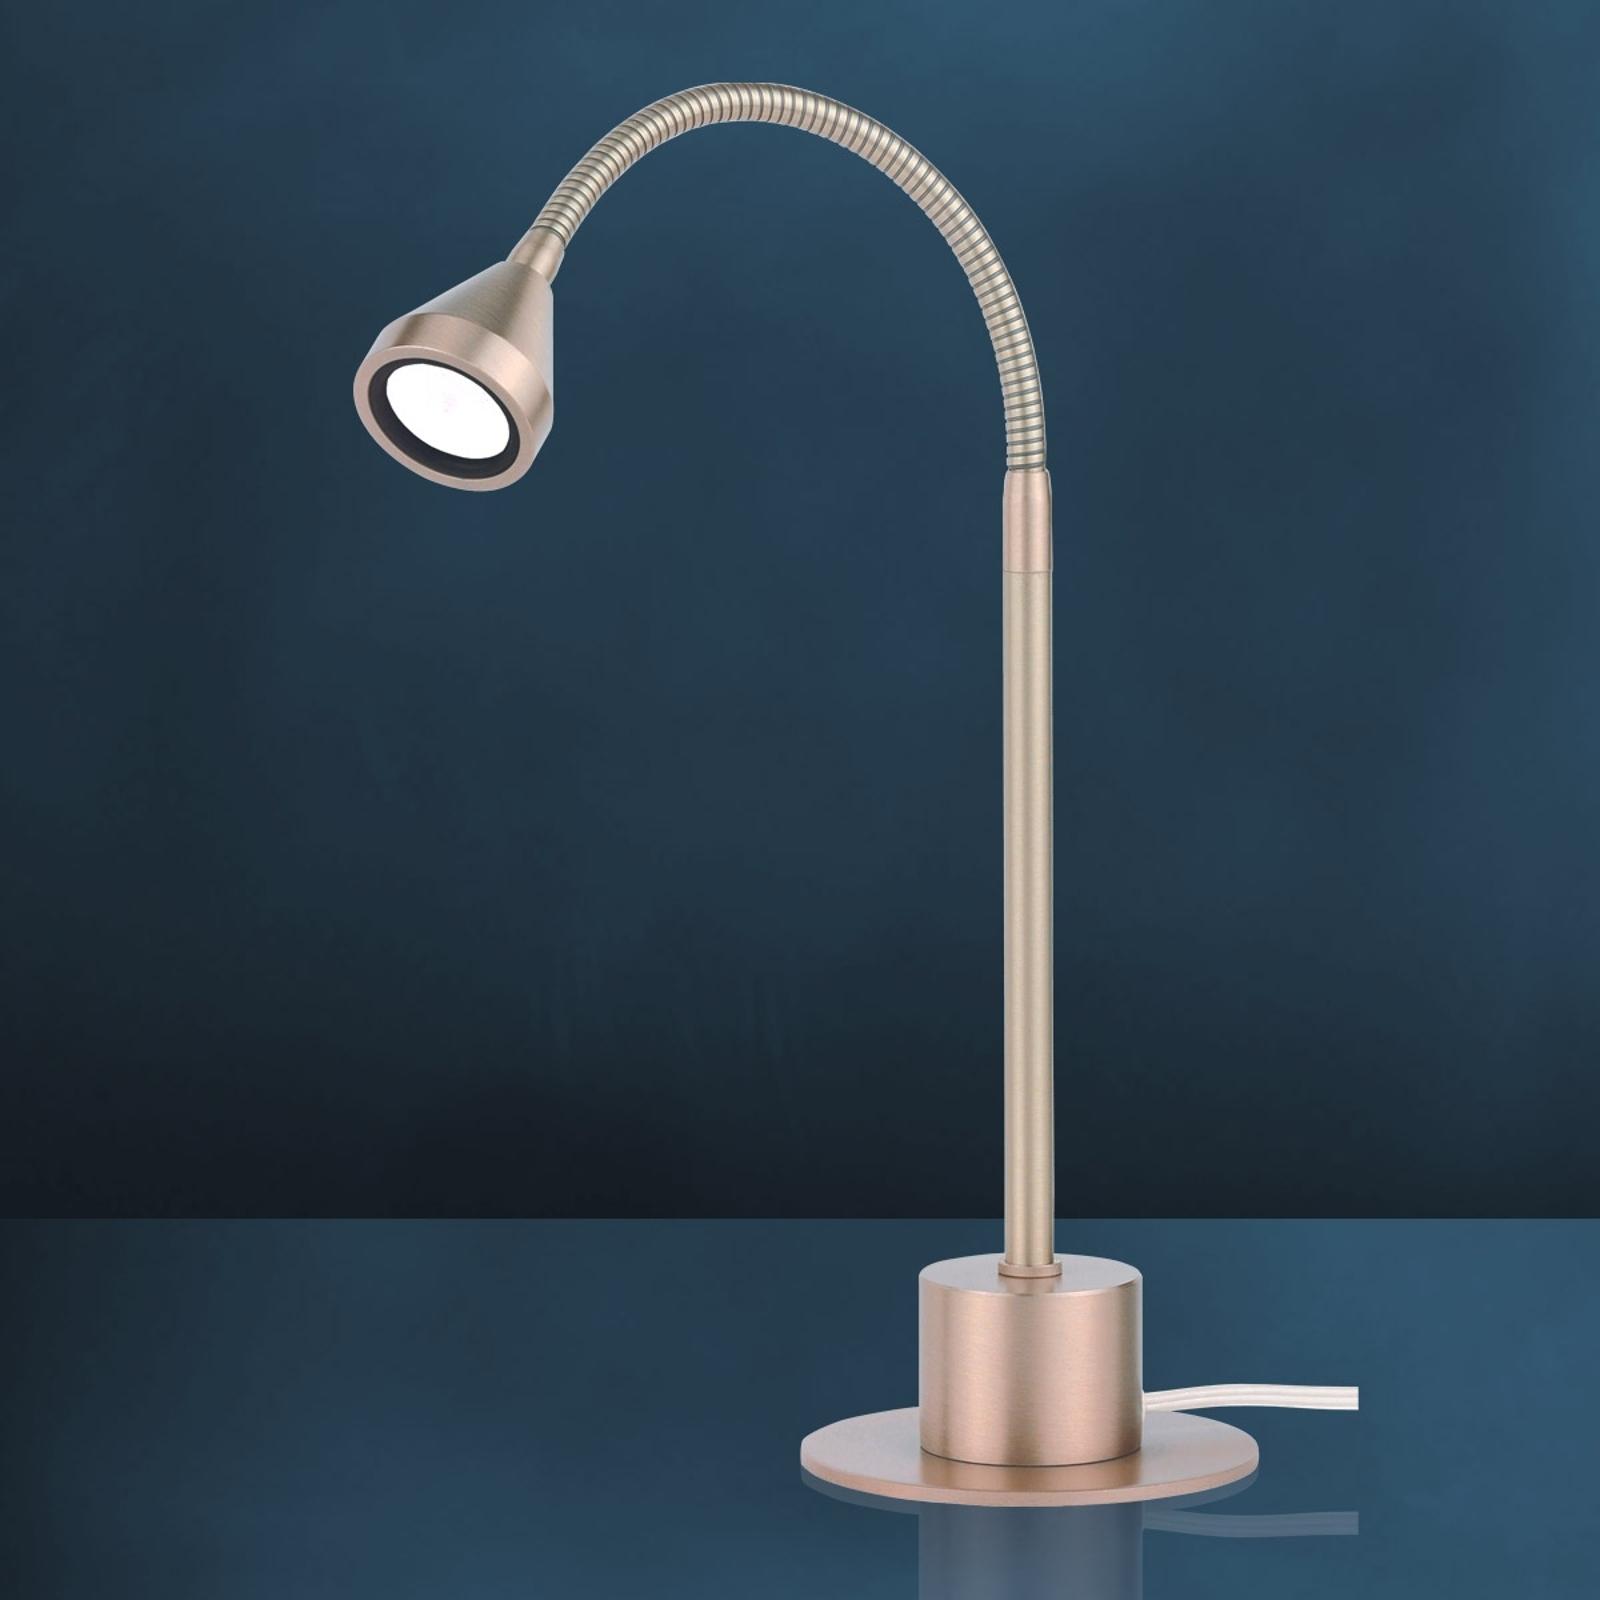 Stolná LED lampa MINI flexibilné univerzálna biela_1524037_1